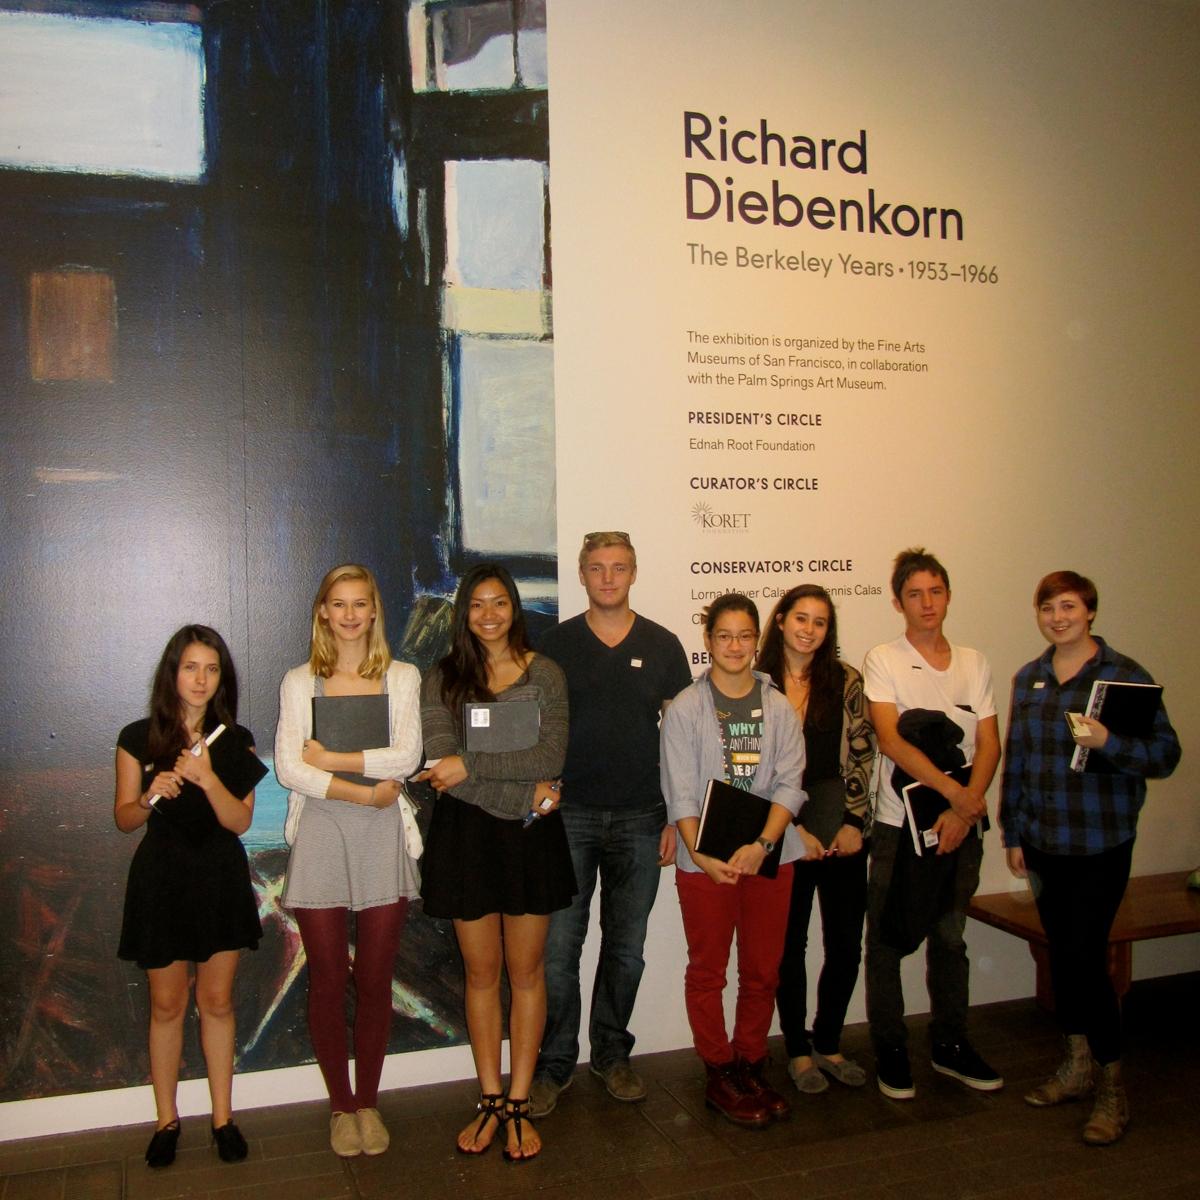 The Bay School Visits deYoung Diebenkorn Exhibit